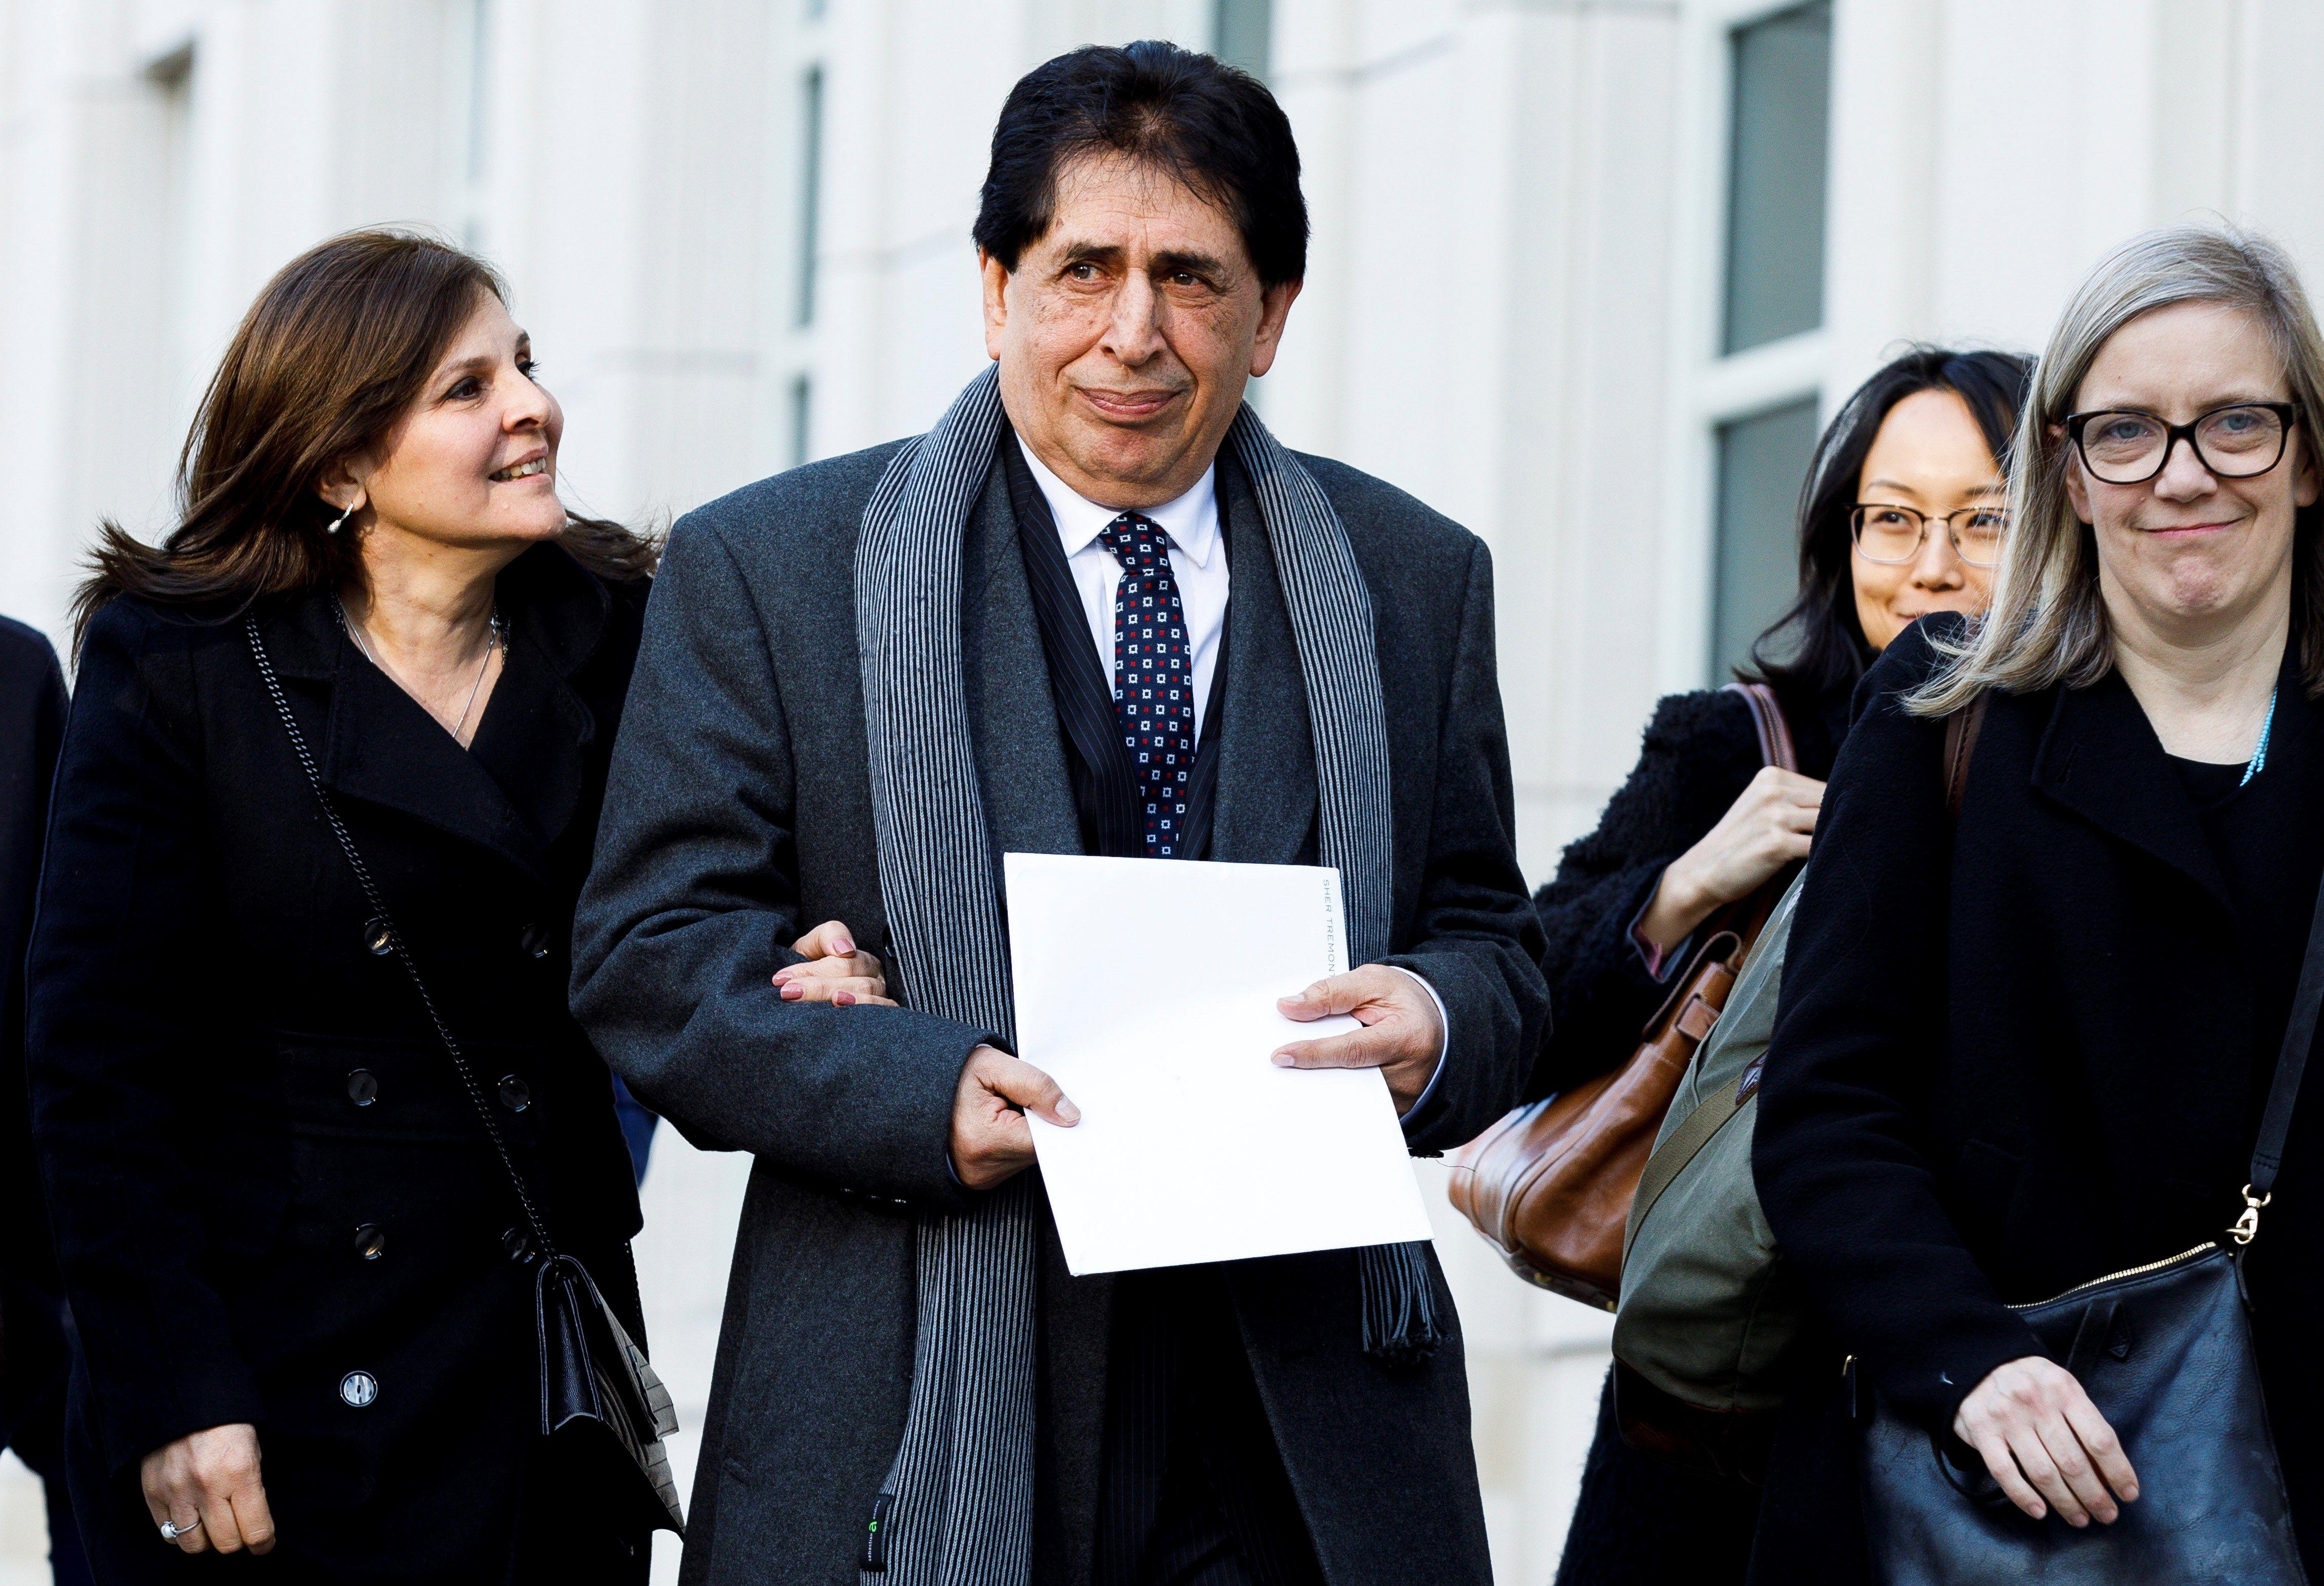 """JLX13. BROOKLYN (ESTADOS UNIDOS), 05/02/2019.- El expresidente Federación de Fútbol de Guatemala (Fedefutbol), Brayan Jiménez, sale del Tribunal Federal de los Estados Unidos tras una audiencia de sentencia este martes, en Brooklyn, Nueva York (EE.UU.). Jiménez ha sido condenado este martes en un tribunal de Nueva York por el tiempo servido en prisión y sentenciado a dos años de libertad supervisada en la trama de corrupción de la FIFA conocido como el """"FIFA Gate"""". EFE/ Justin Lane"""